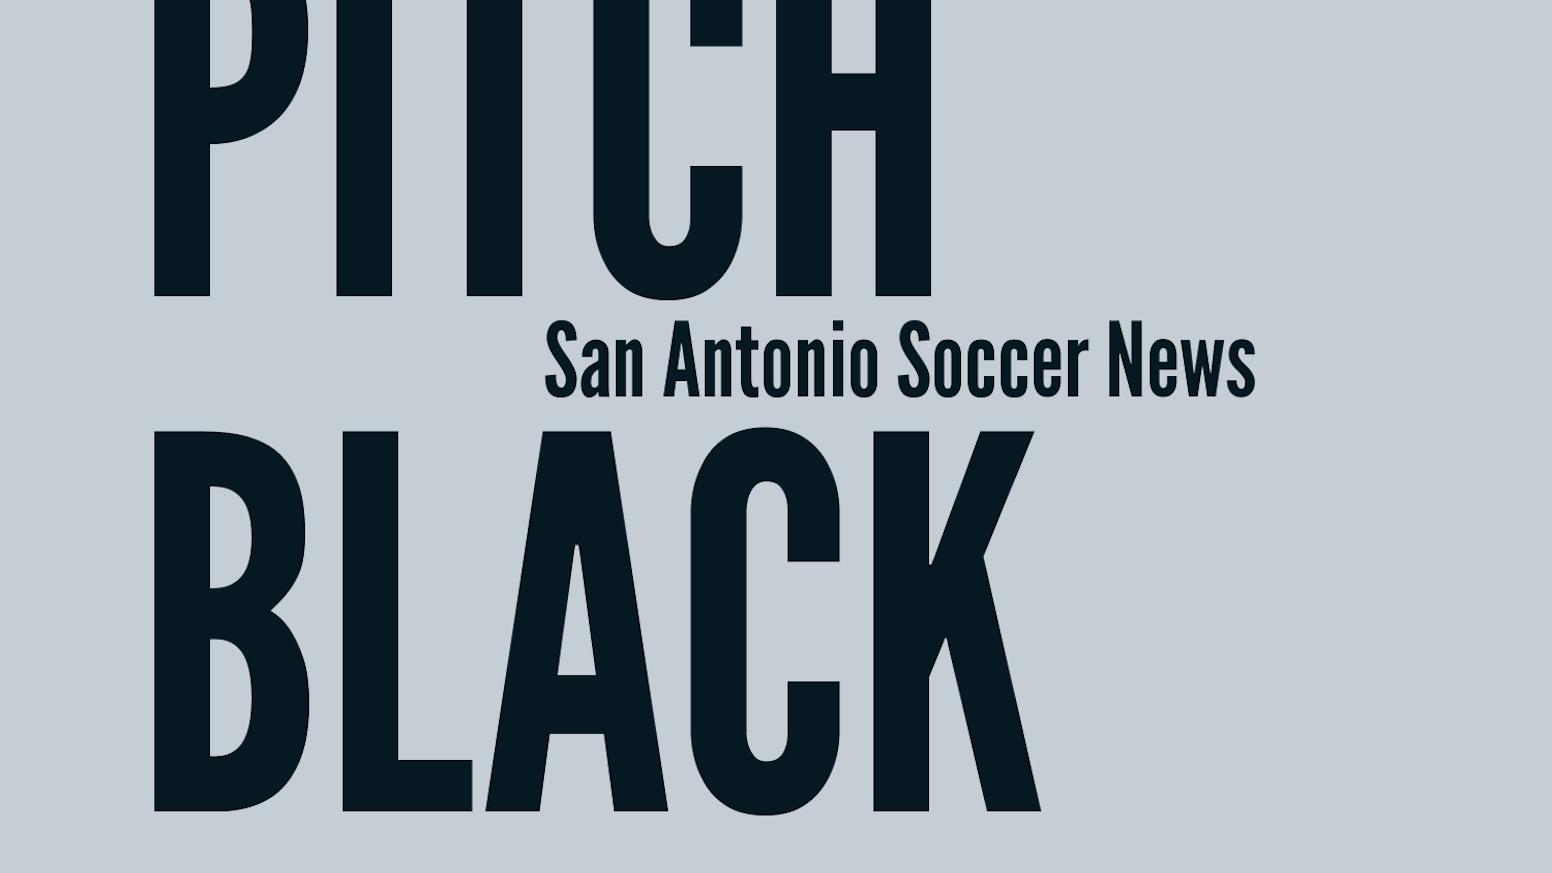 Website Design Upgrade For Pitch Black Sa Pro Soccer